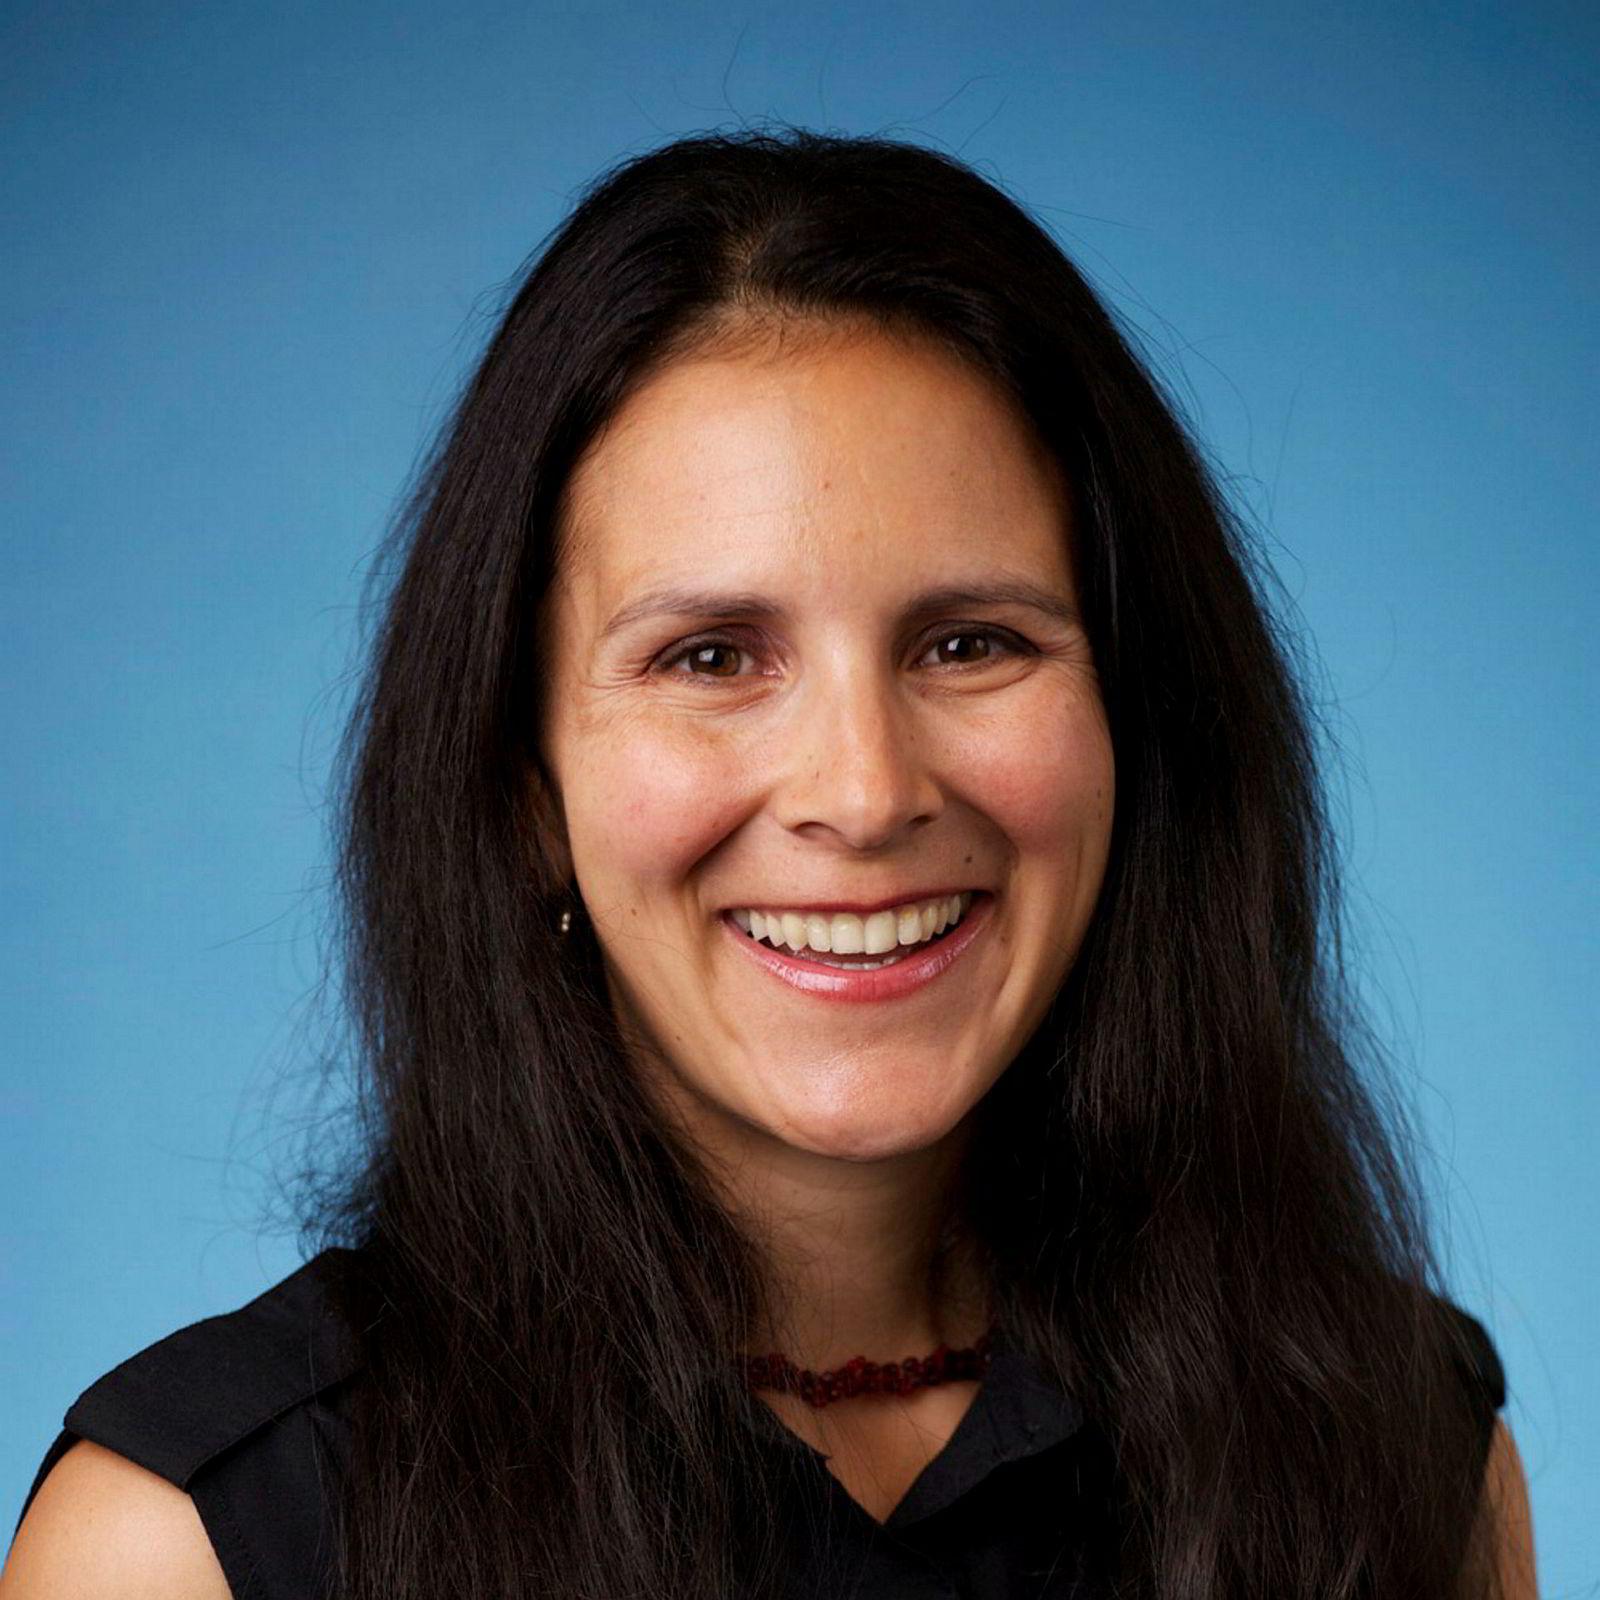 Professor Natasha Ezrow ved University of Essex mener det er fare for eskalering dersom Donald Trump svarer på iranernes gjengjeldelse etter generaldrapet.